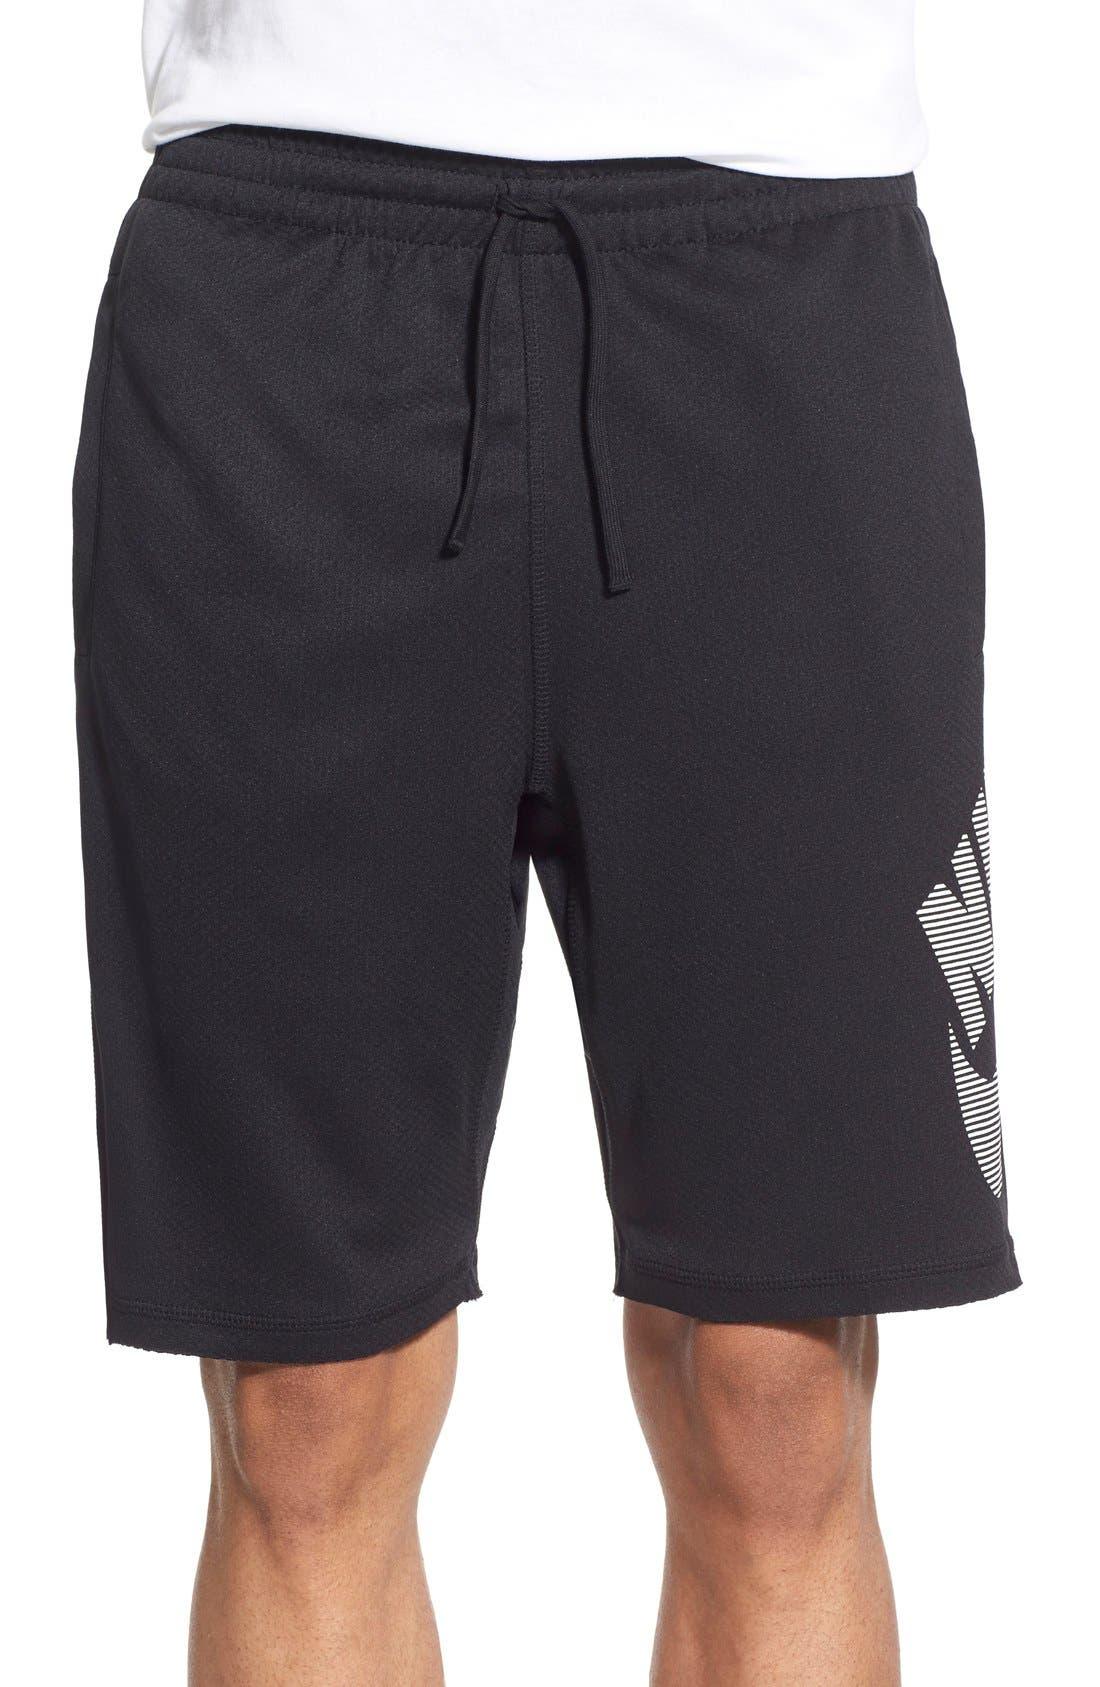 SB 'Stripe Sunday' Dri-FIT Shorts,                             Main thumbnail 1, color,                             010